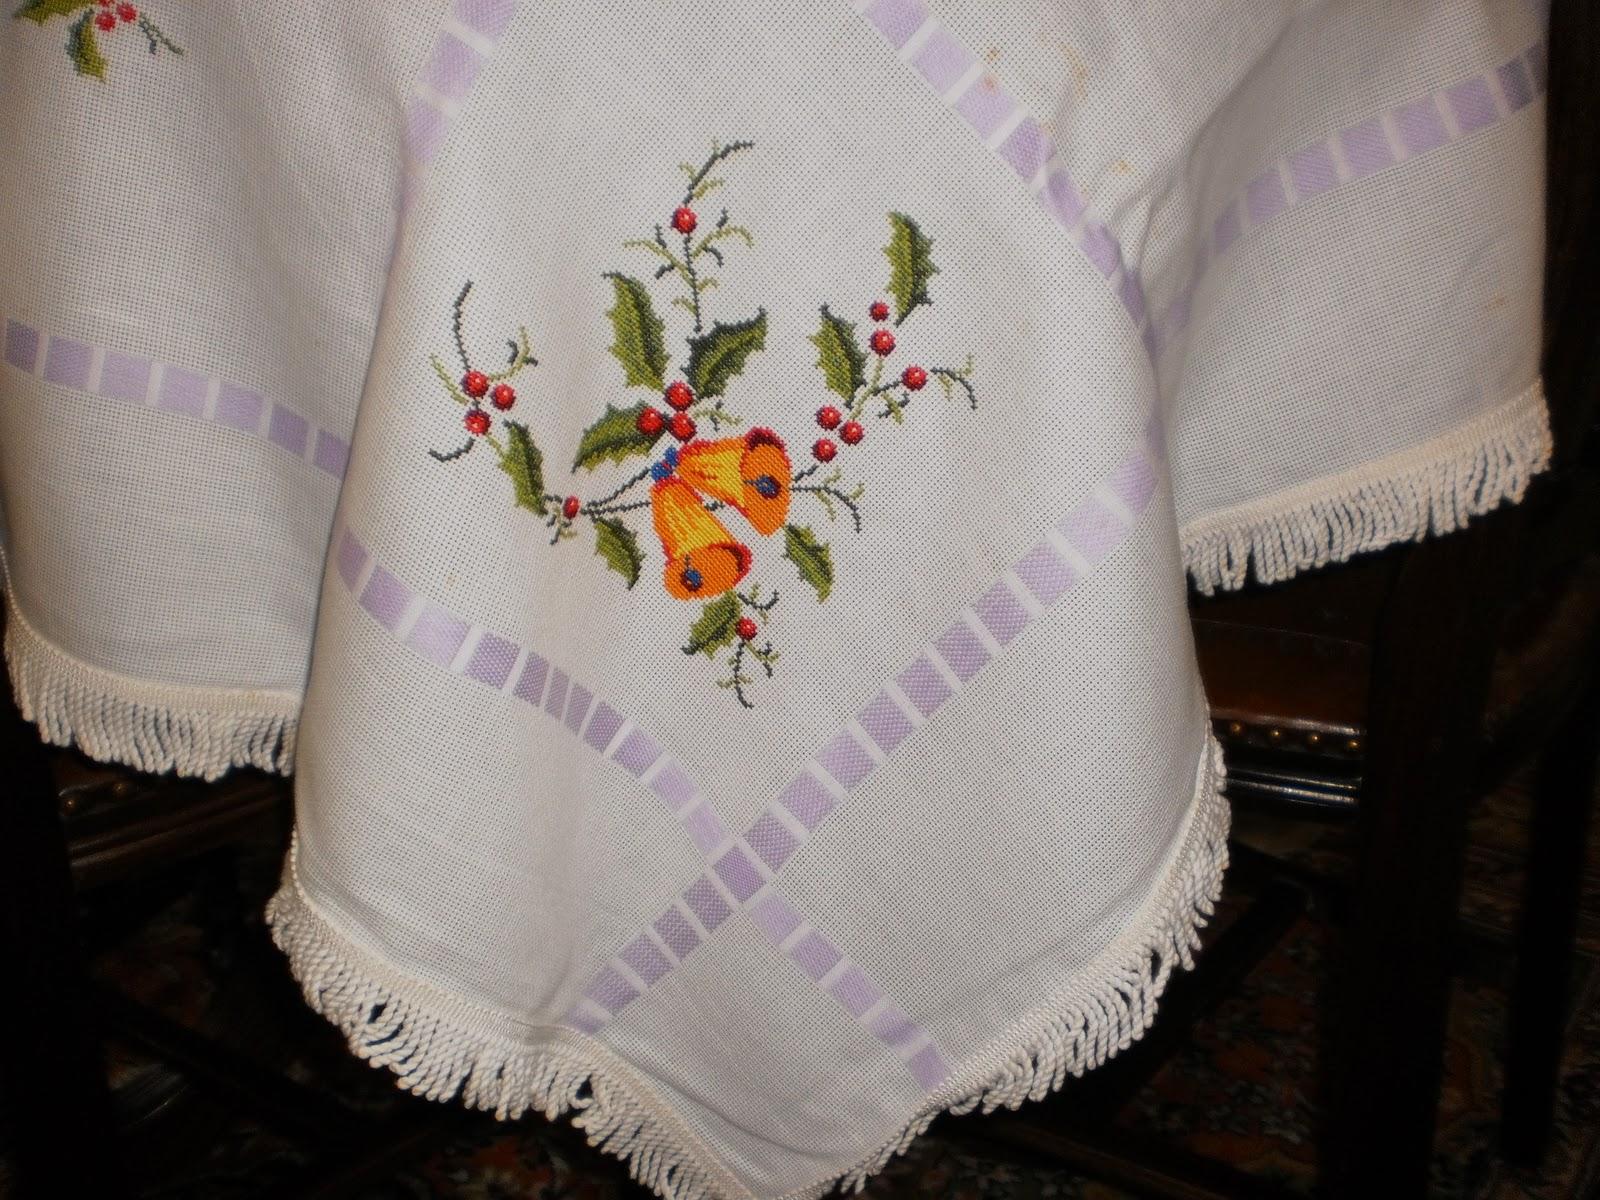 Toalha De Rosto Personalizada Juntamente Com Uma Toalha De Lavabo